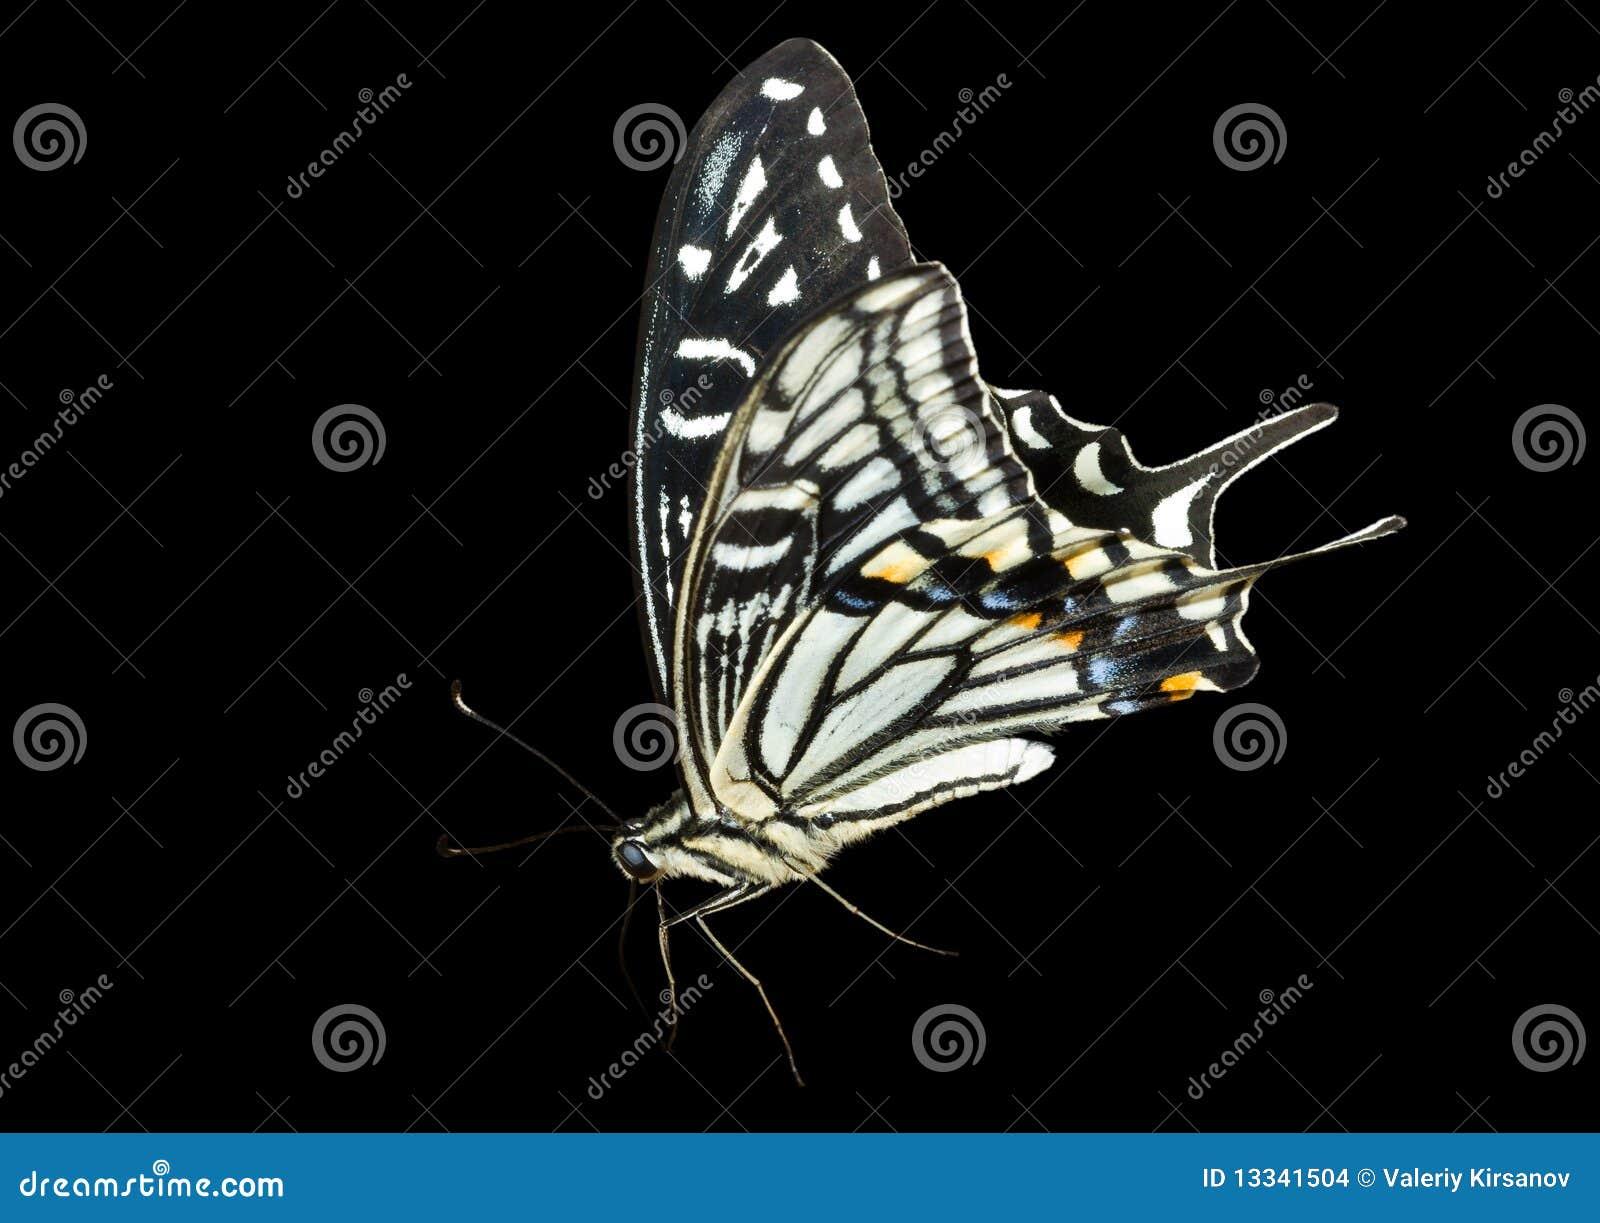 6 motyli papilio xuthus